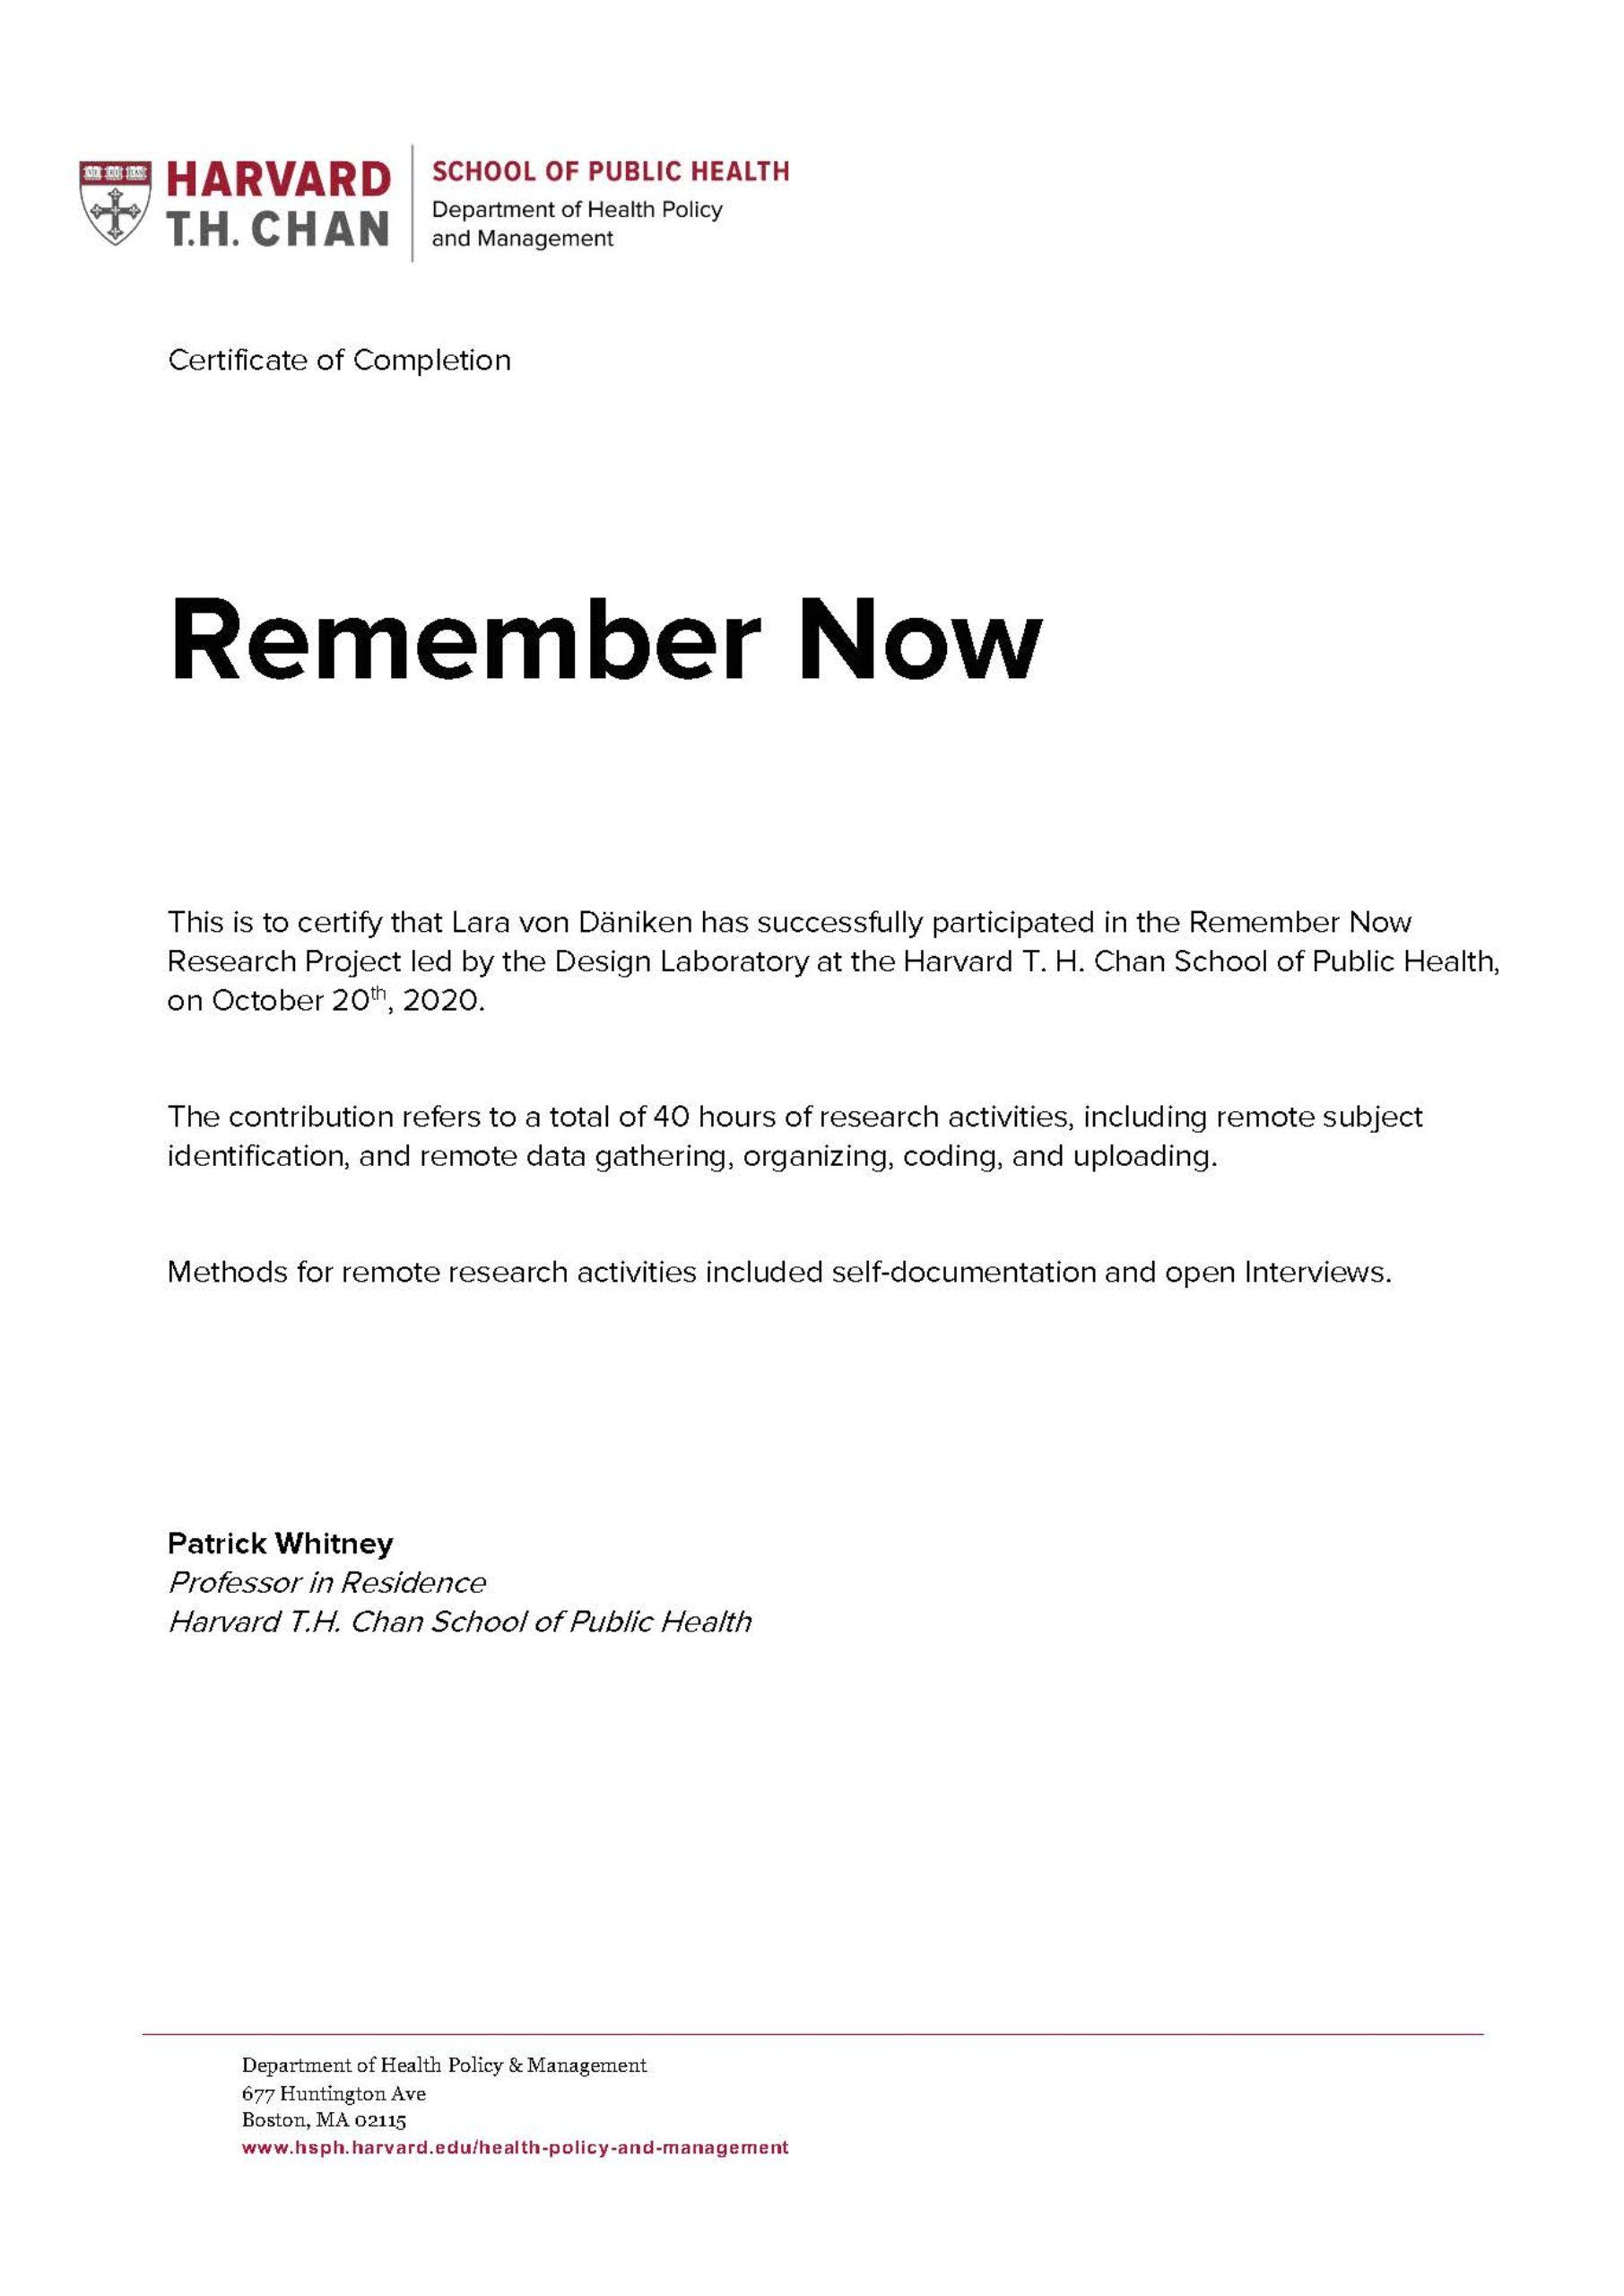 https://laravondaeniken.com/wp-content/uploads/2020/10/RN_Certificate_Lara-von-Daniken-1811x2560.jpg